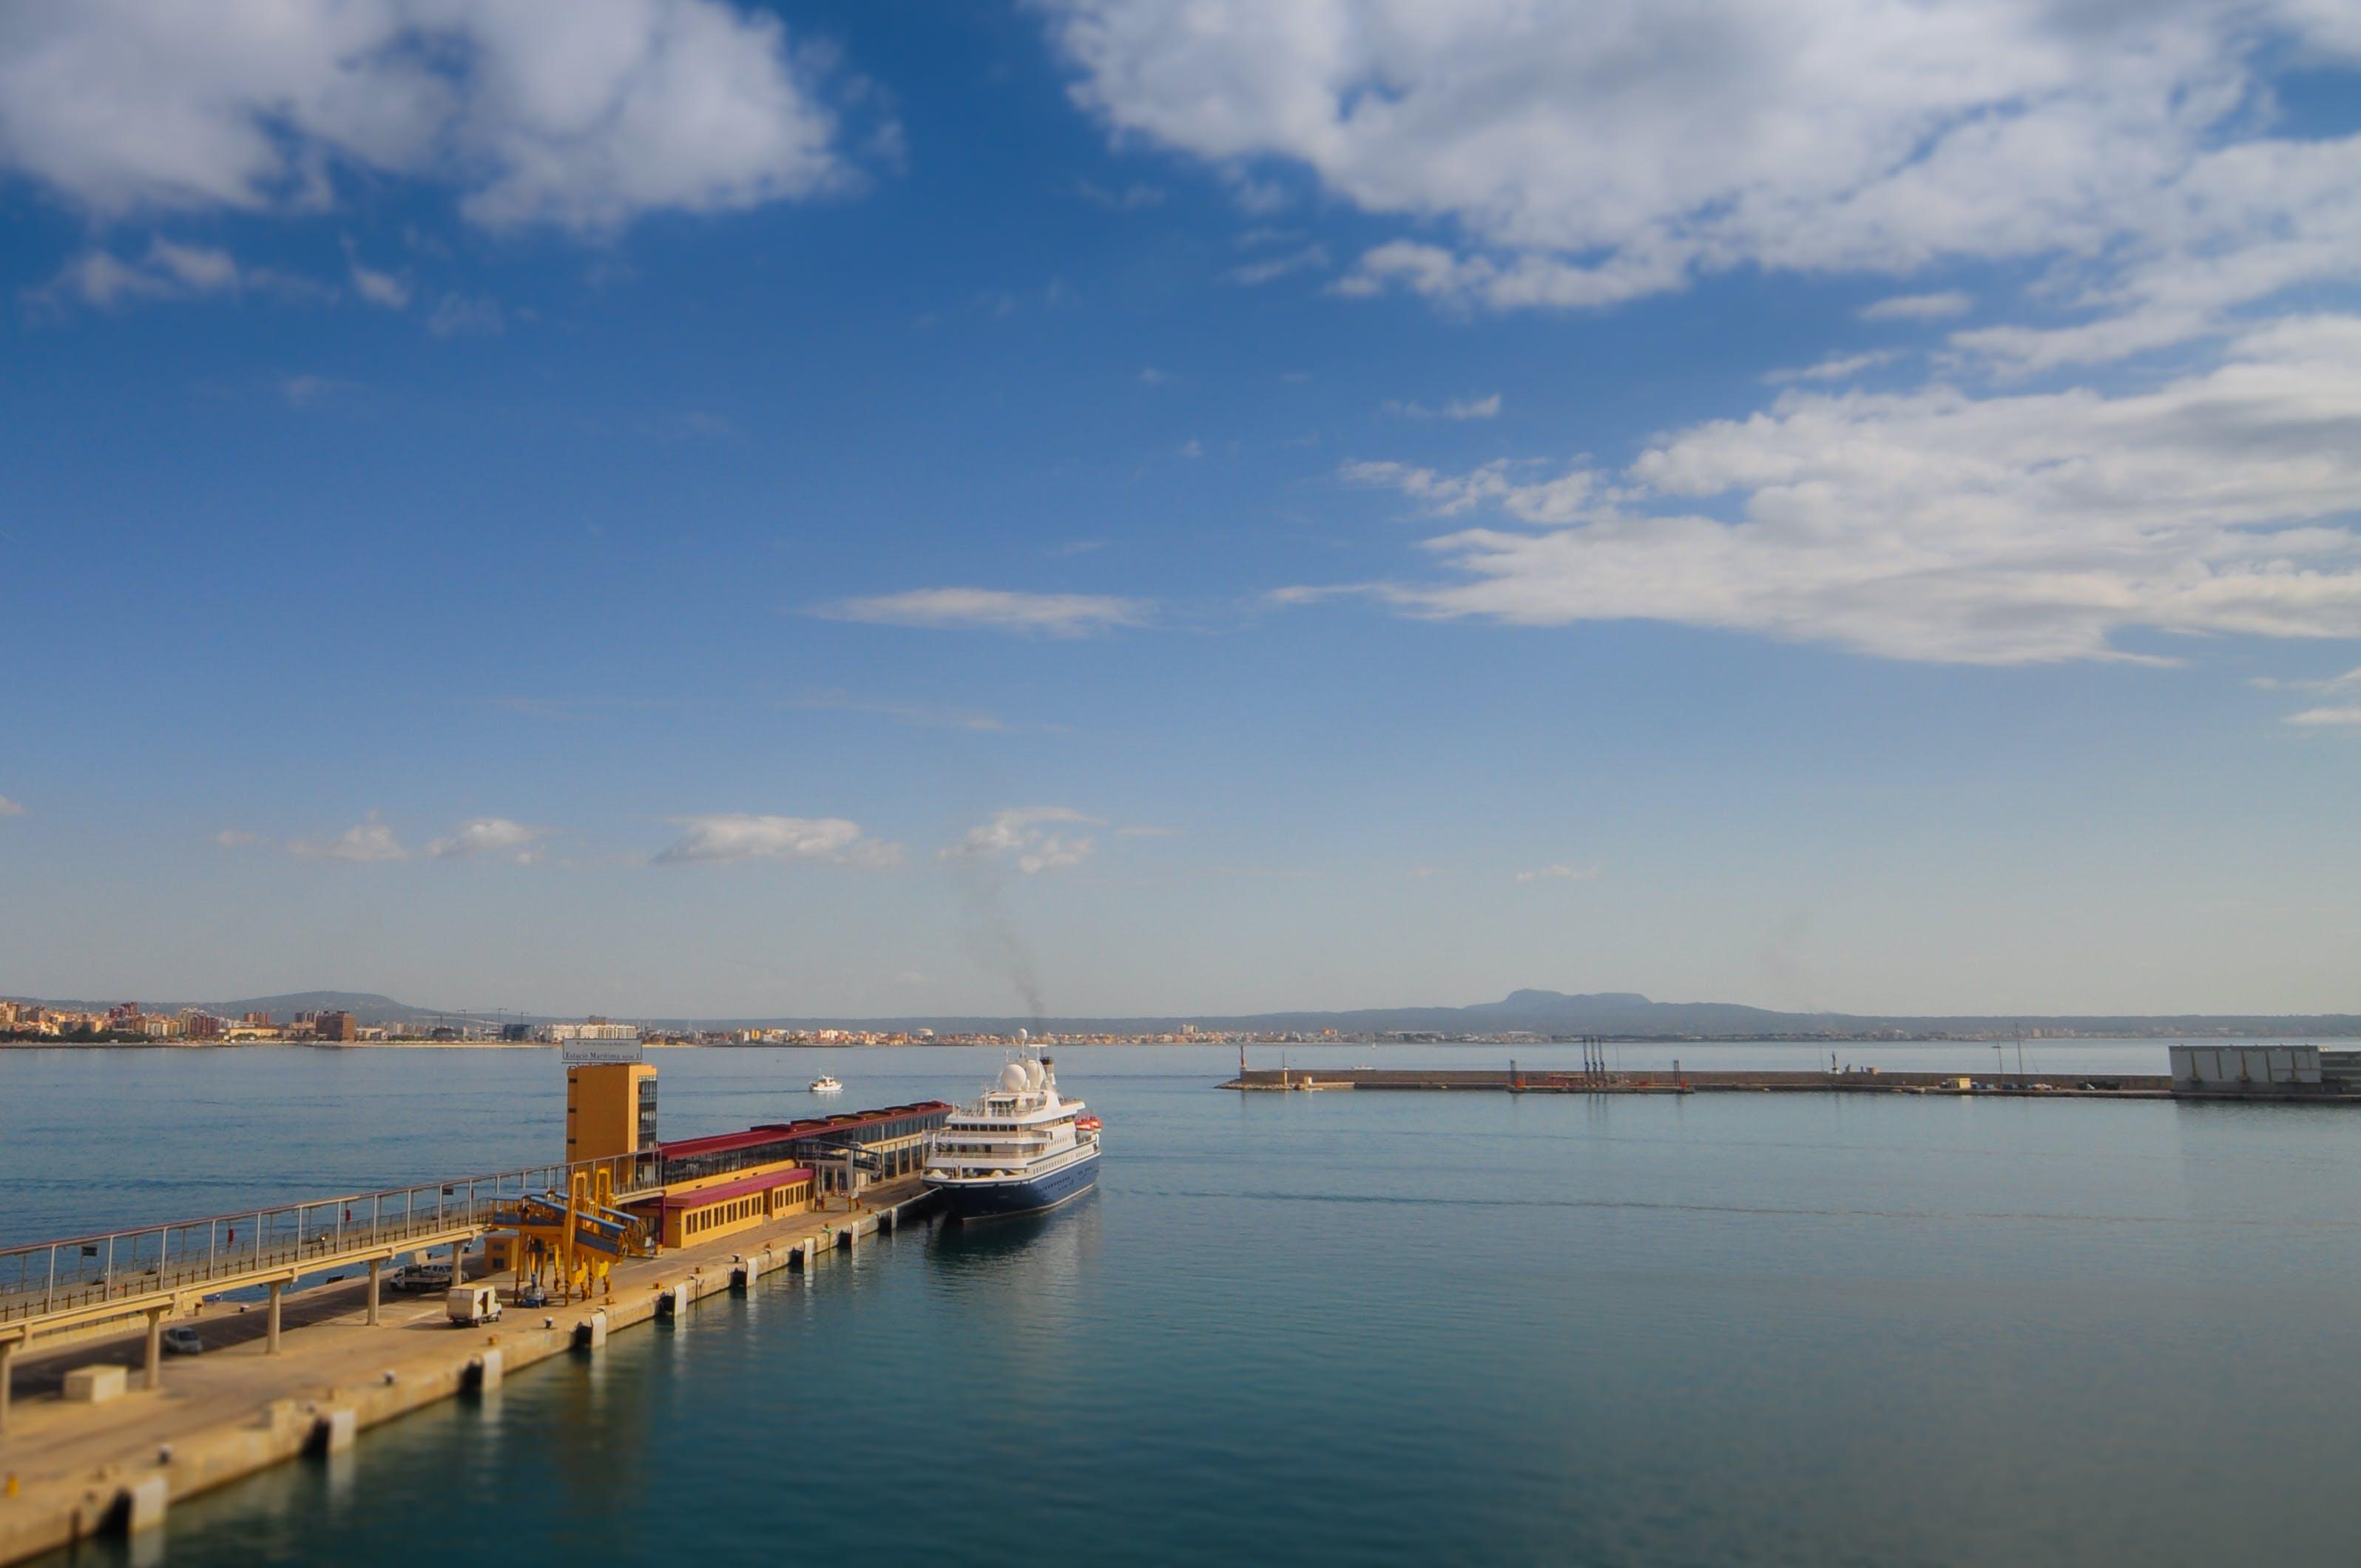 barcelona pier, harbor, harbour